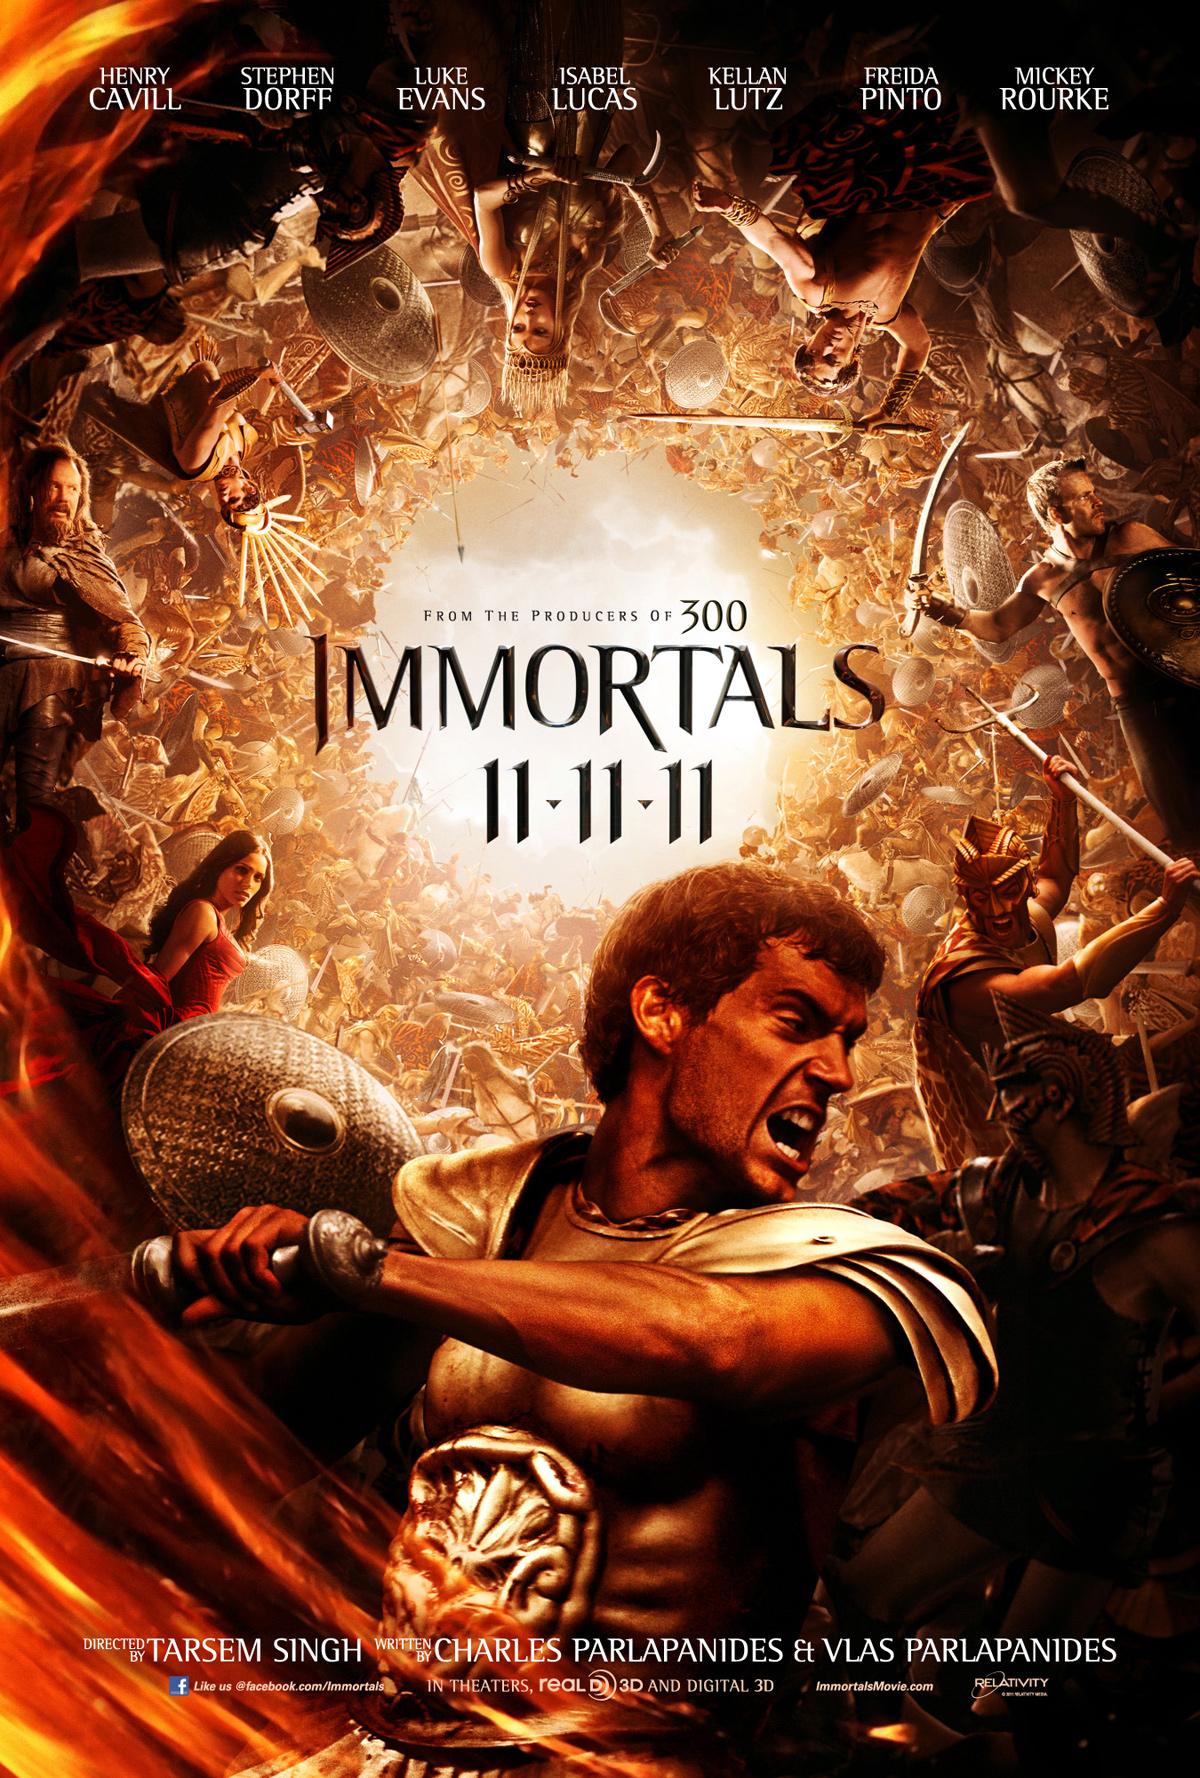 Изображение для Война Богов: Бессмертные 3Д / Immortals 3D (2011) [BDrip, 720р, Anaglyph RAV / Анаглиф RAV] (кликните для просмотра полного изображения)